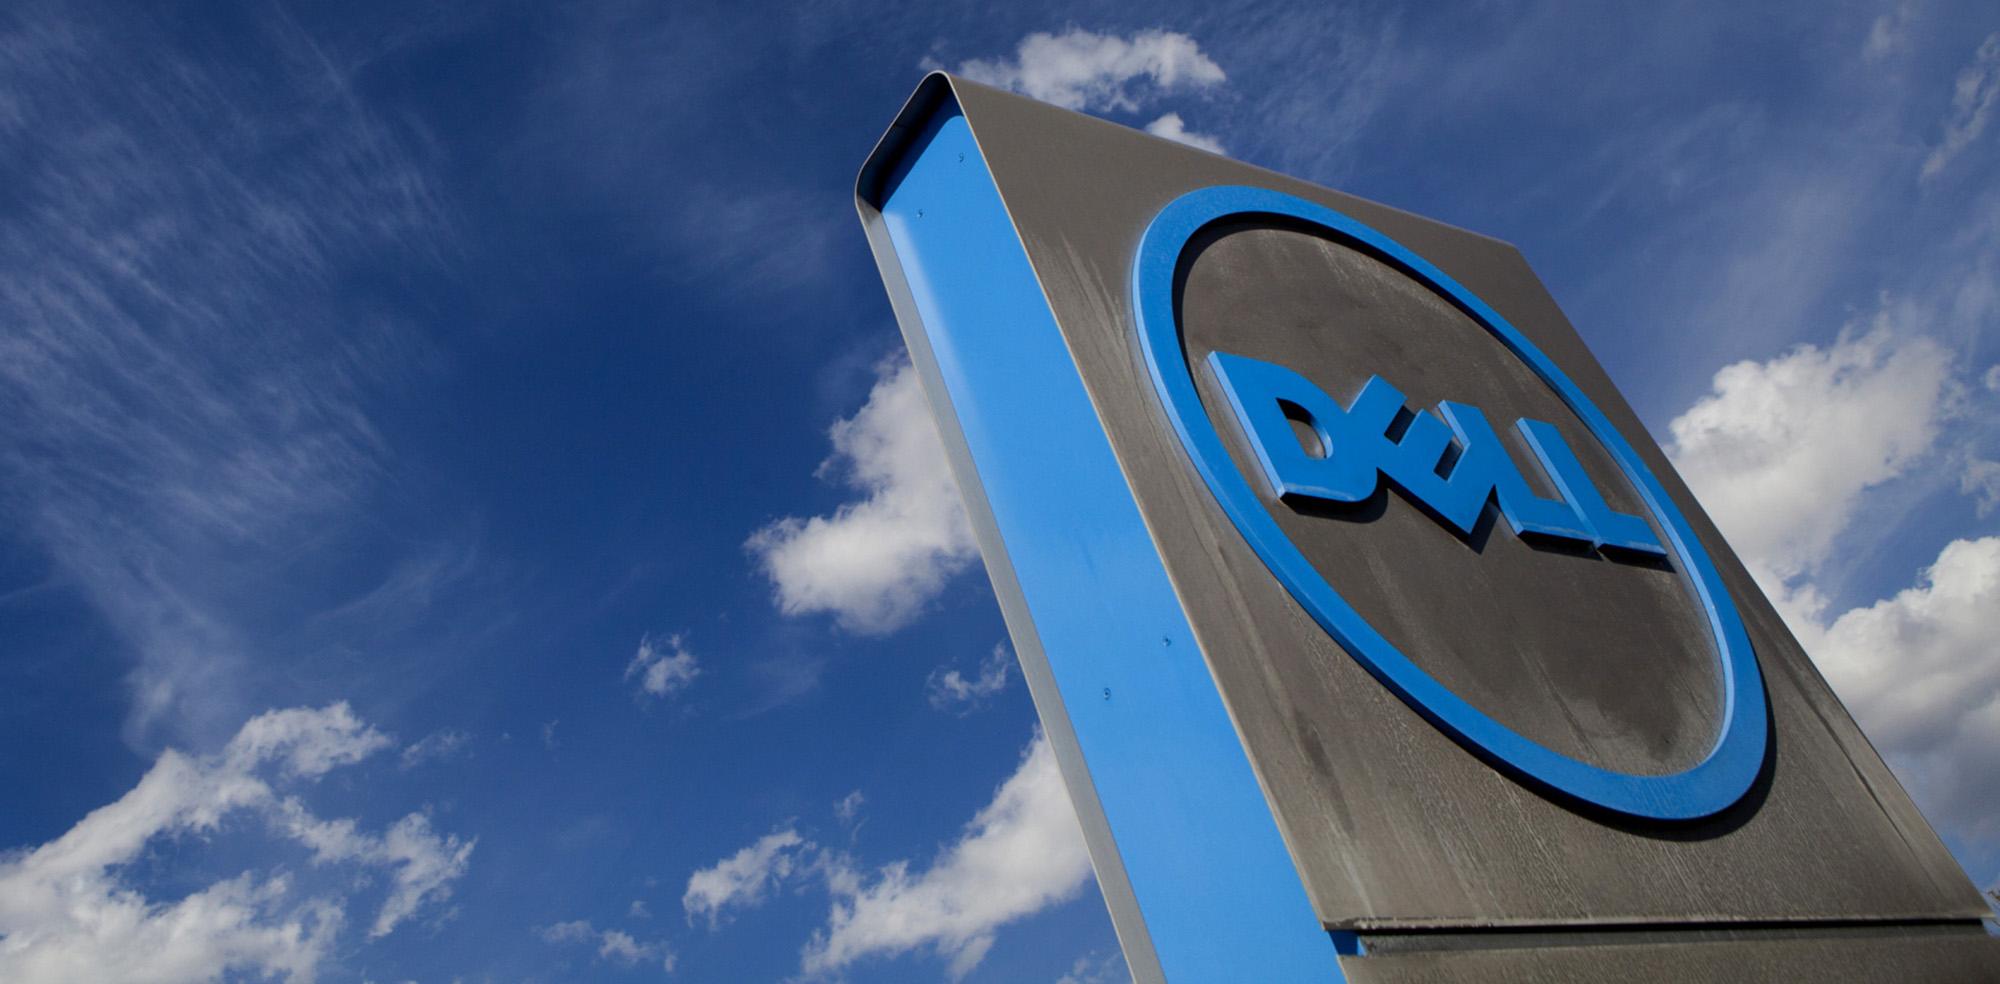 戴尔计划剥离VMware八成股权以削减债务 创收97亿美元